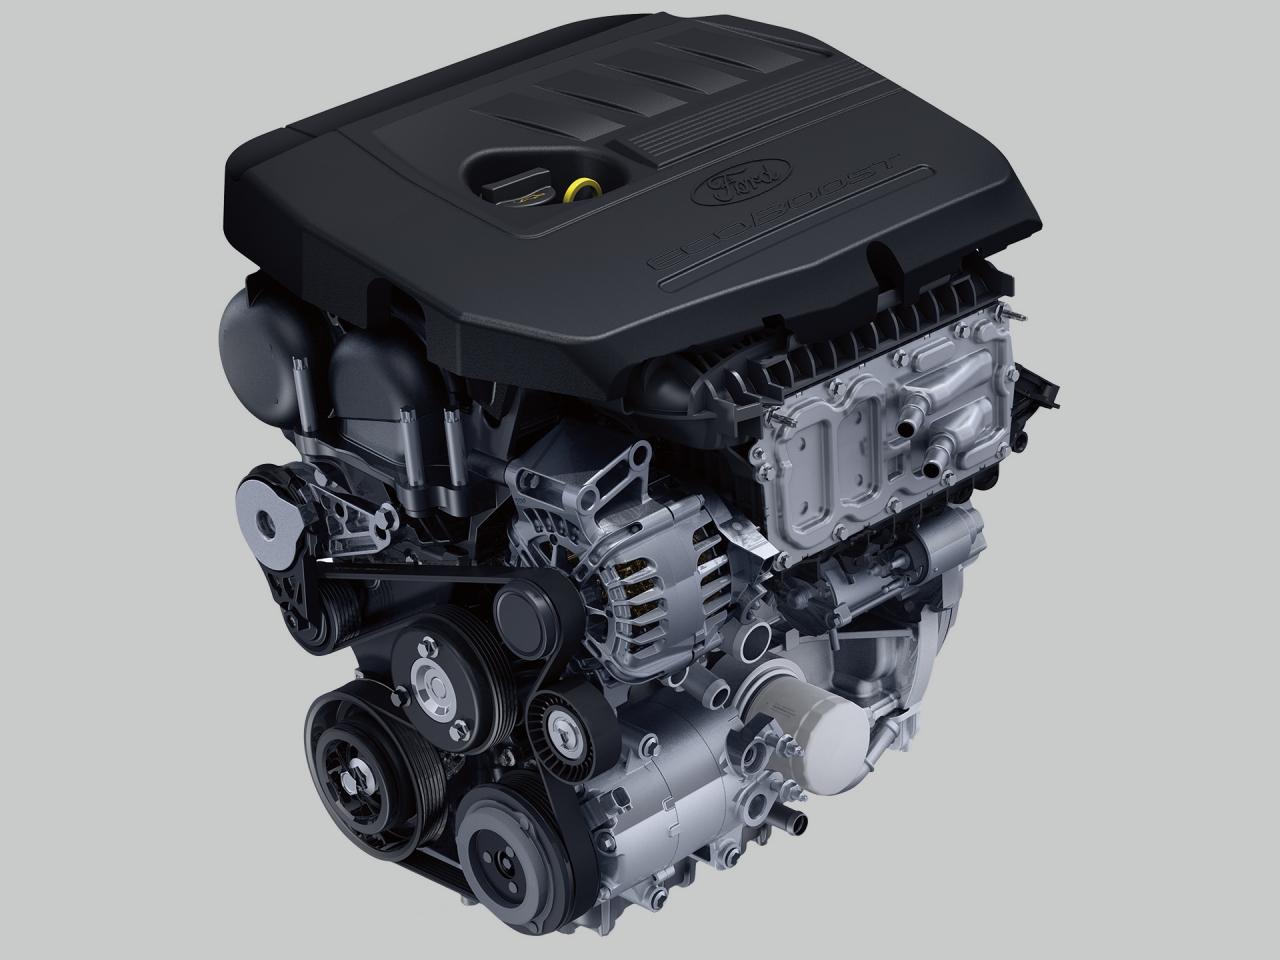 搭載1.5L EcoBoost®182 渦輪汽油引擎,擁有低稅金優勢與 182ps 最大馬力。